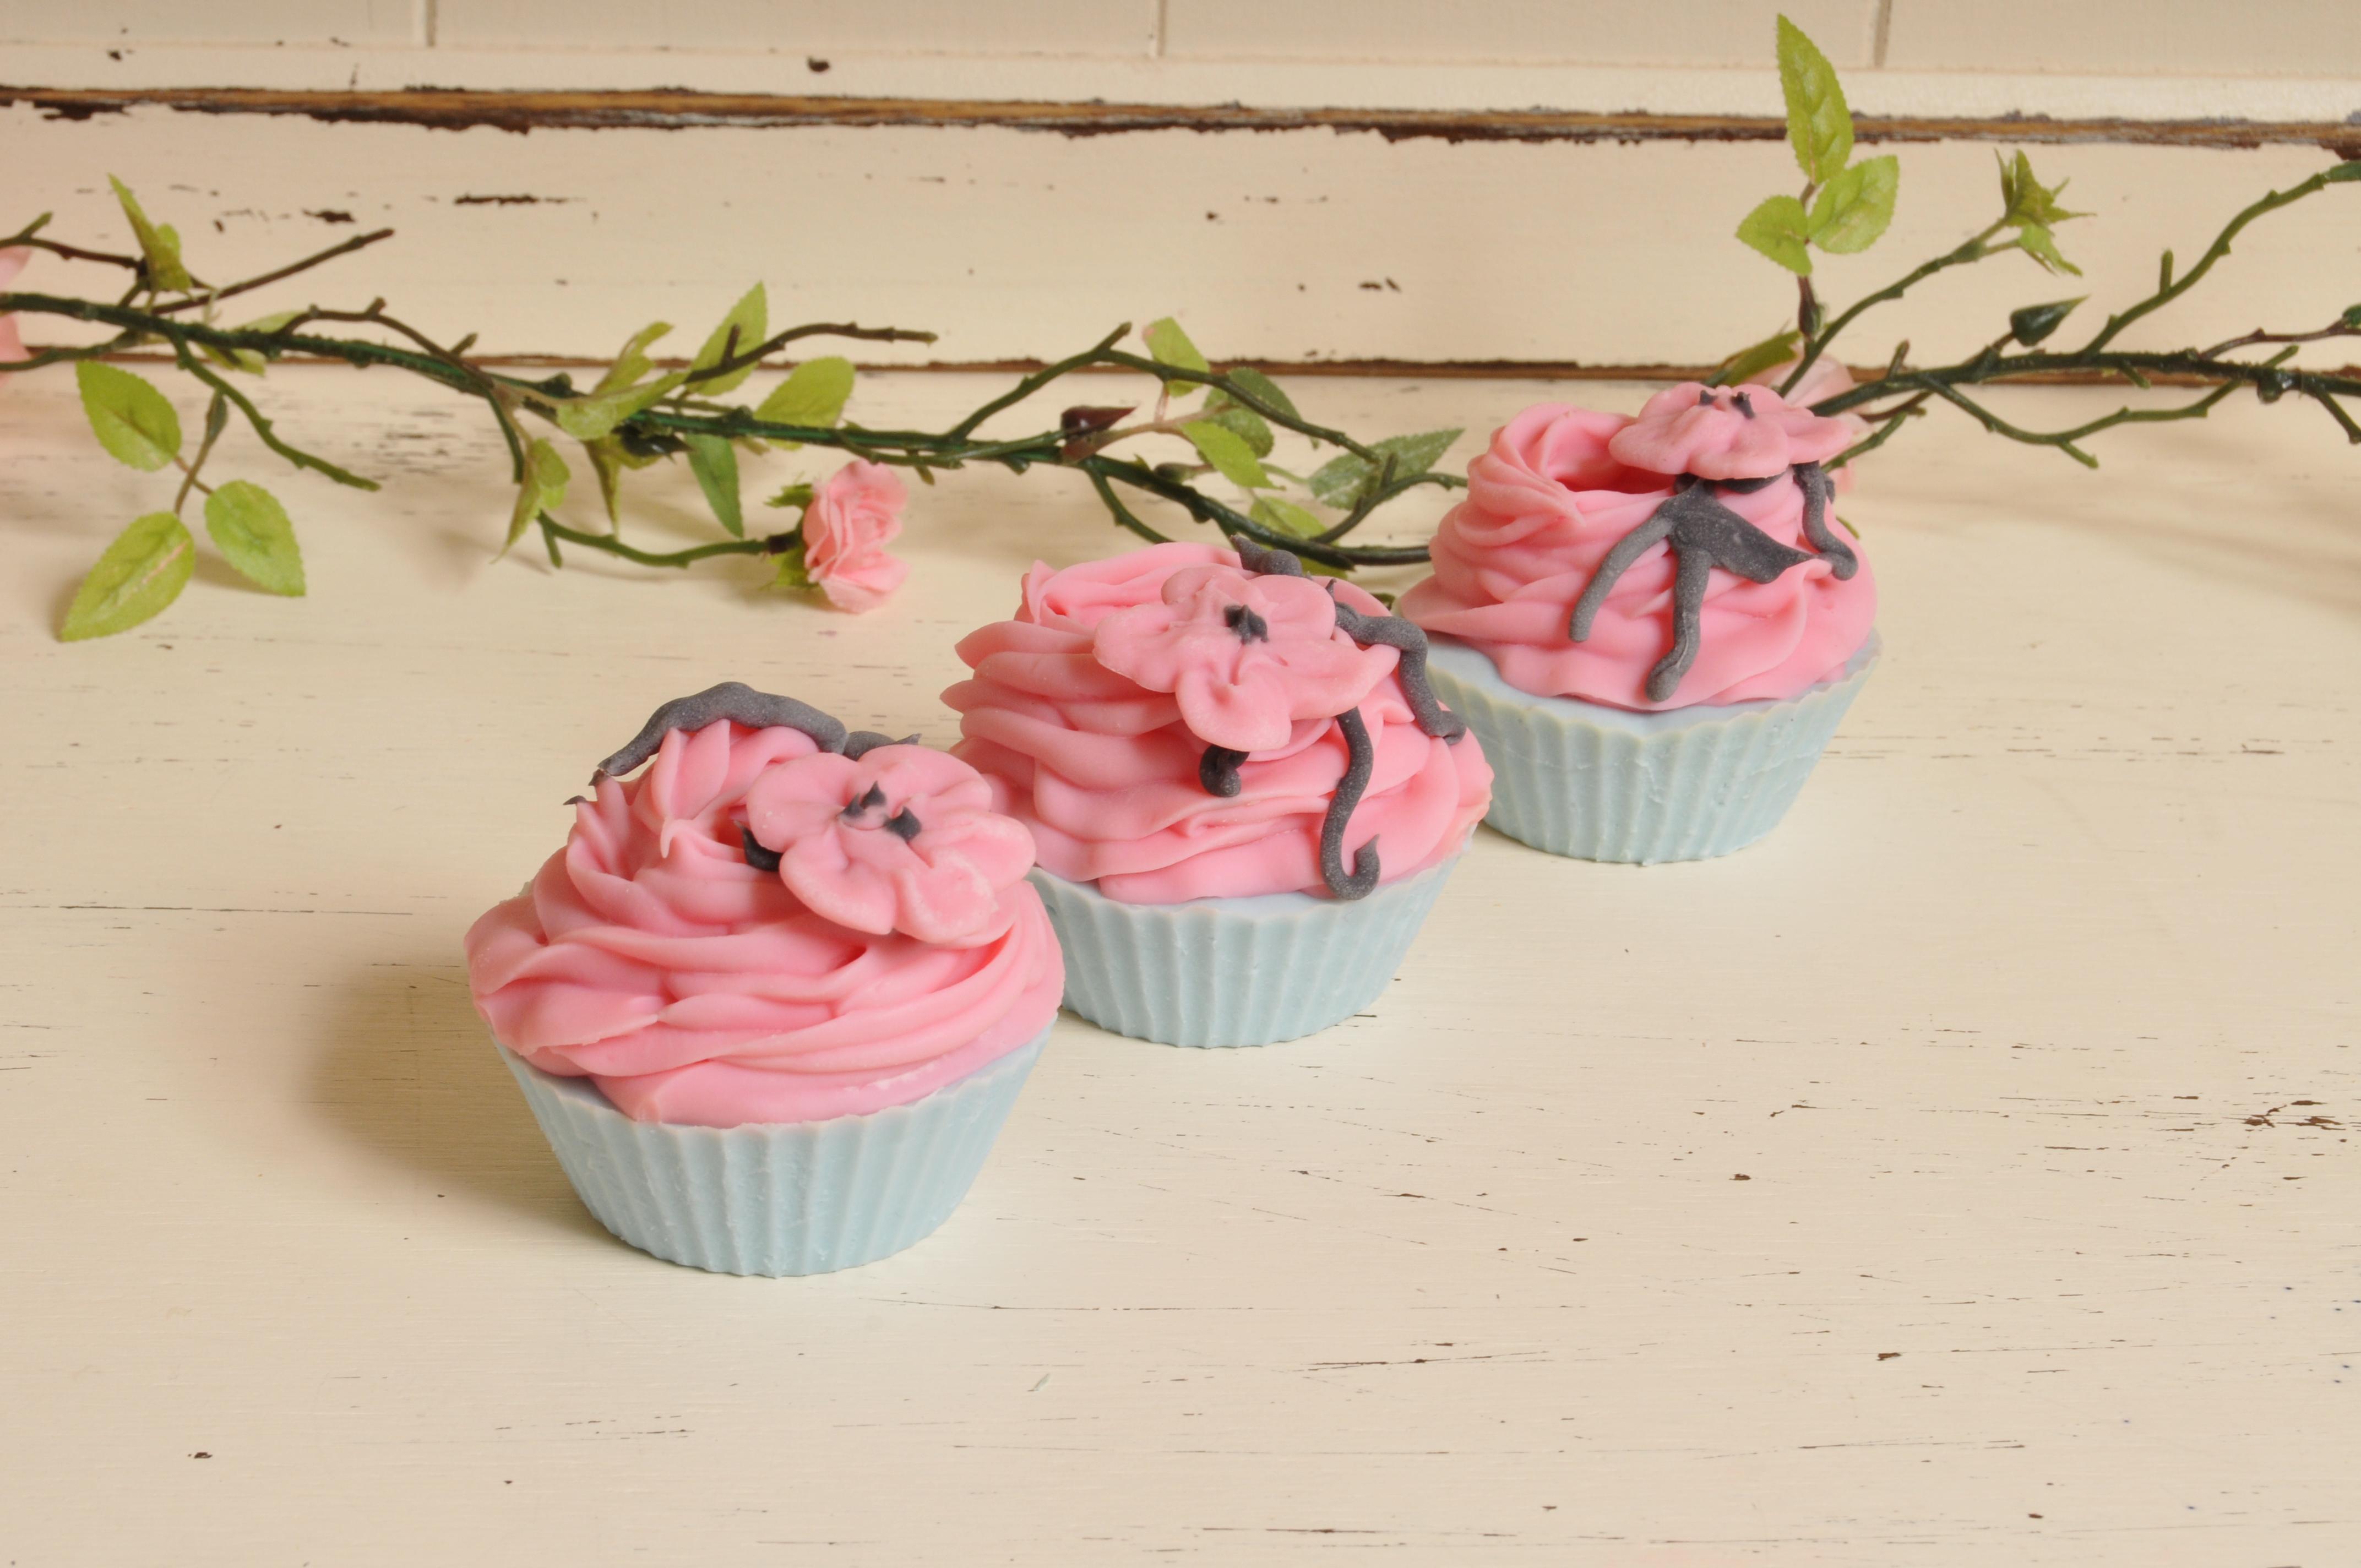 Geisha cupcake soaps